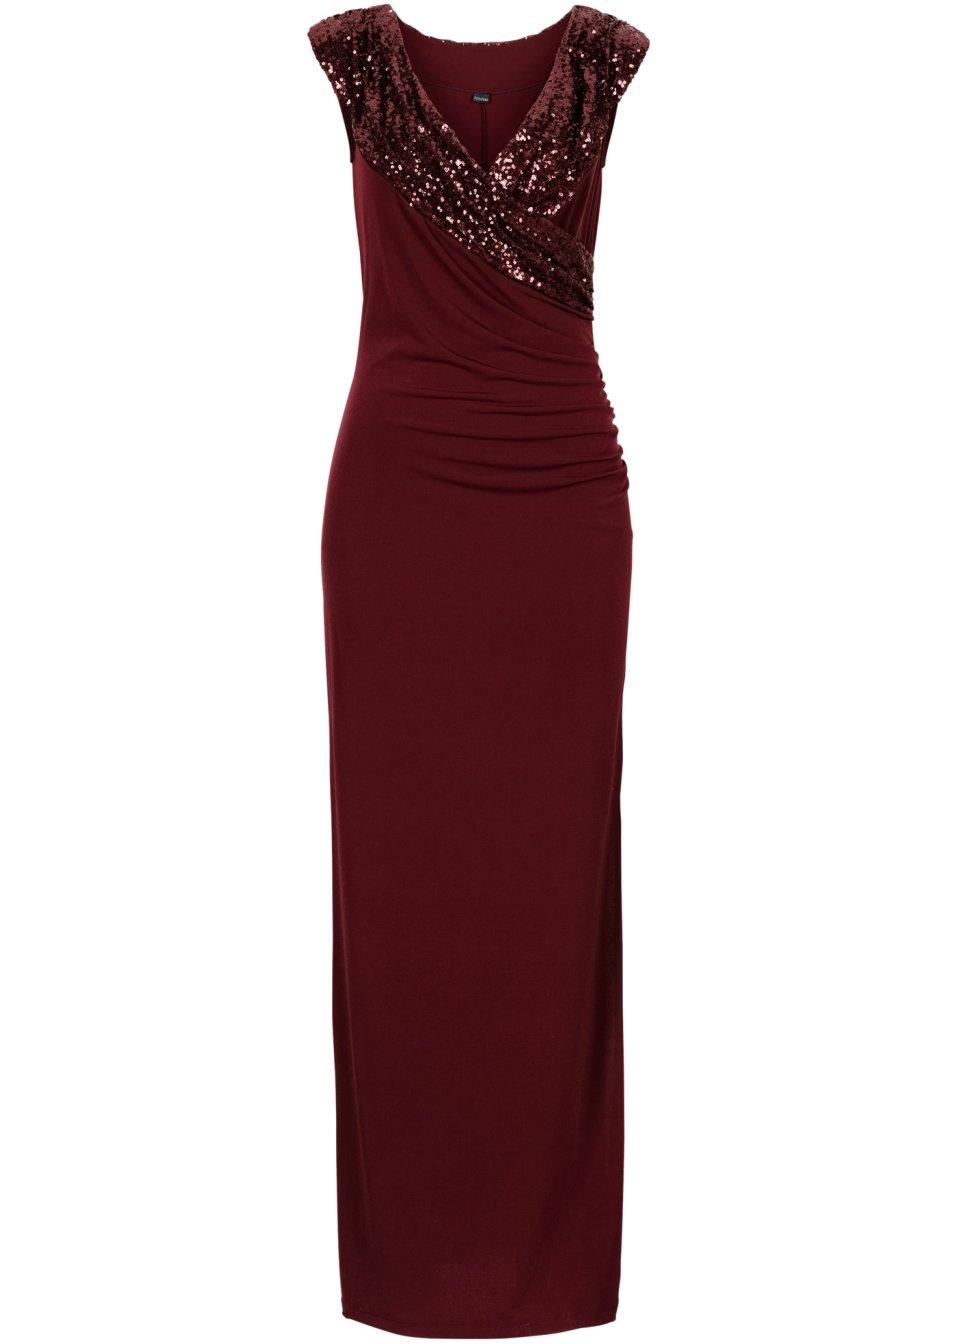 Abito da sera con decorazione in paillettes rosso - Abendkleider lang bonprix ...